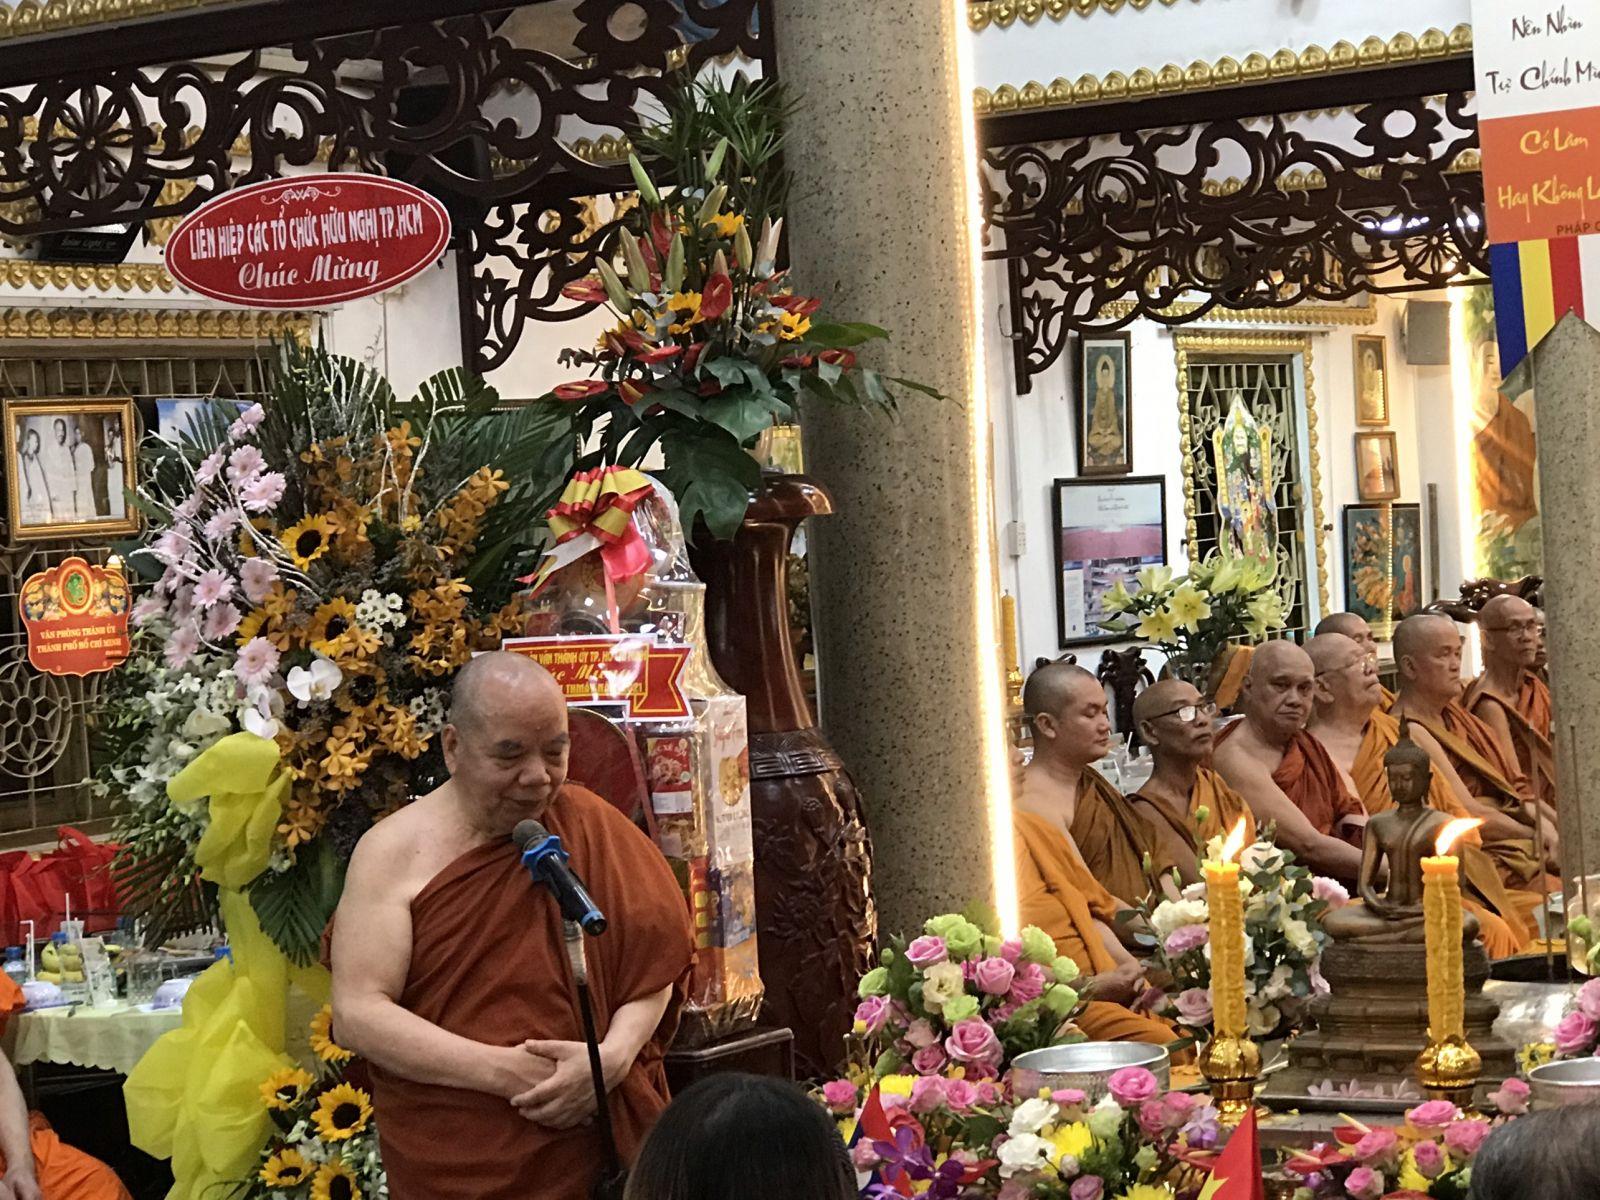 Hòa thượng Thích Thiện Tâm - Phó Chủ tịch HĐTS GHPGVN; Phó Chủ tịch Hội hữu nghị VN-CPC, Viện chủ (Trụ trì) chùa Phổ Minh, chúc tết nhân dân các nước bạn